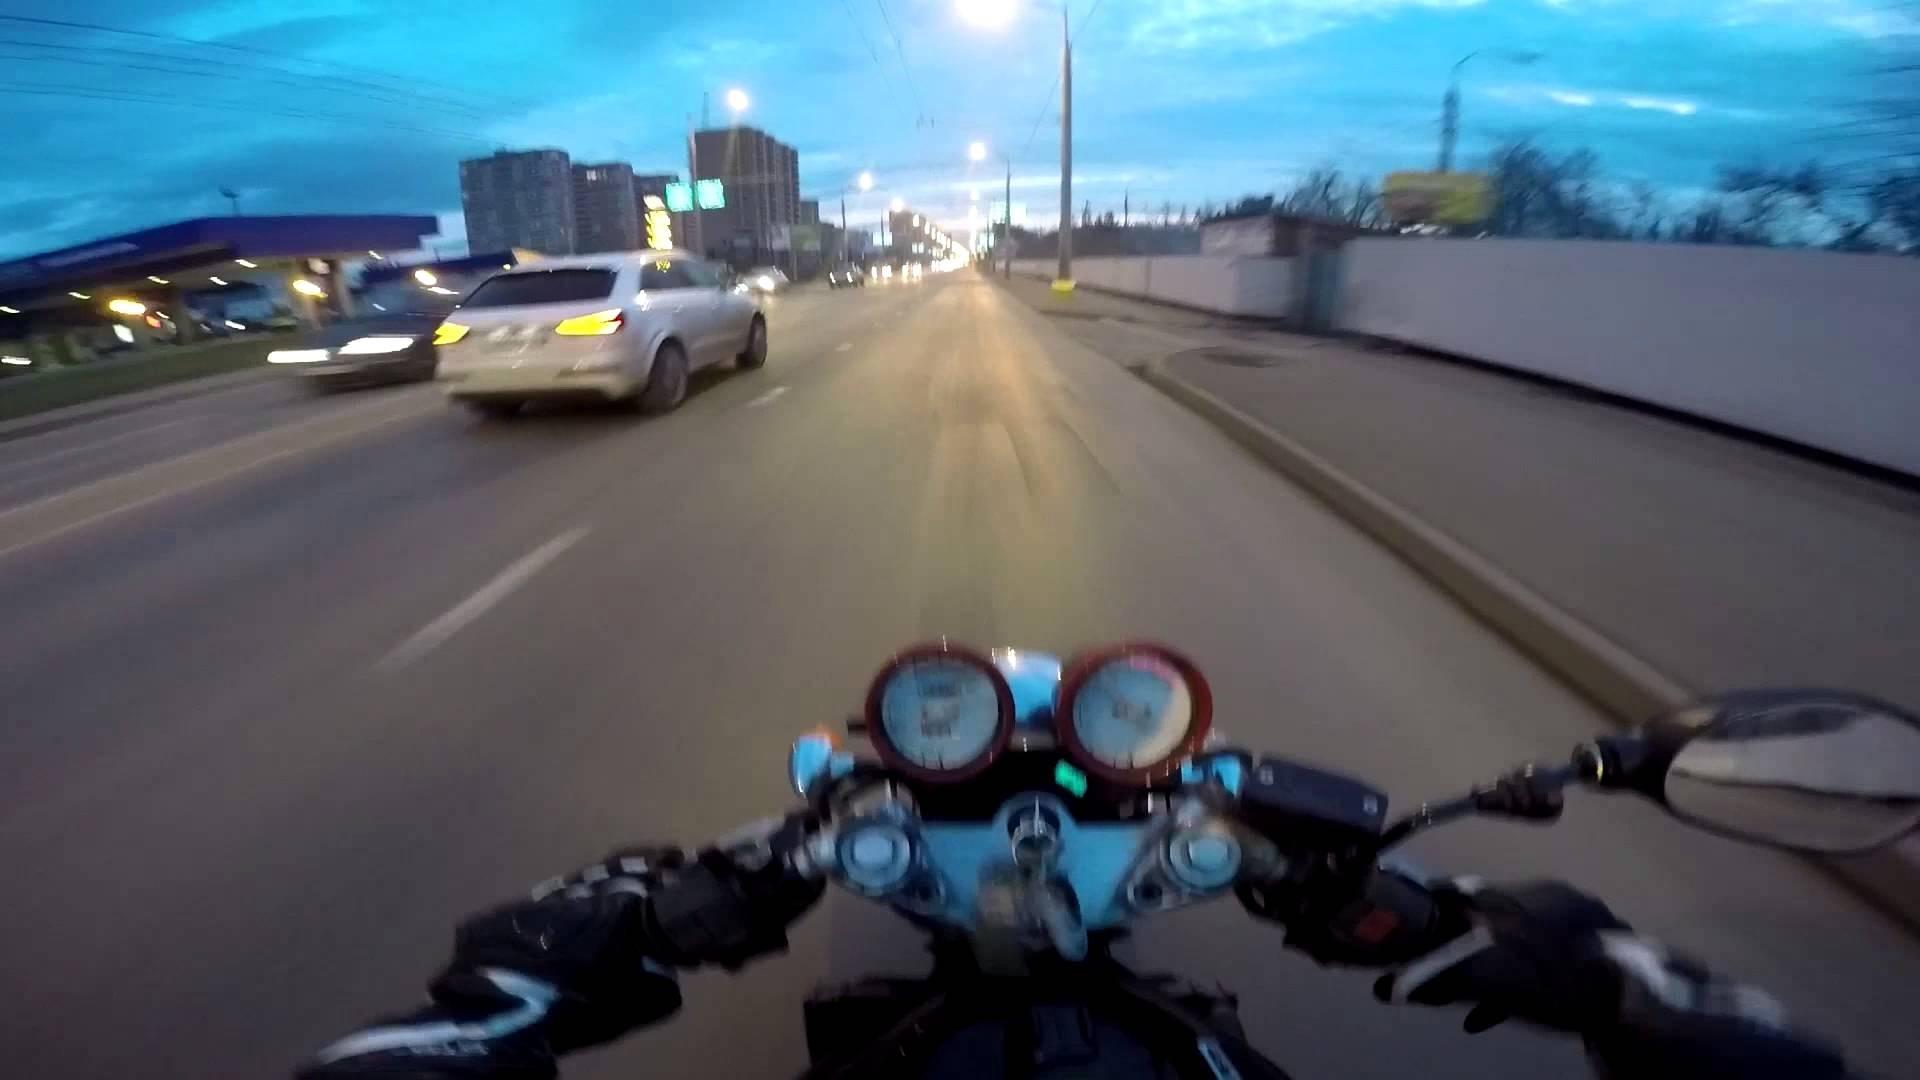 ВГИБДД столицы посоветовали стритрейсерам устроить гонки натрассе